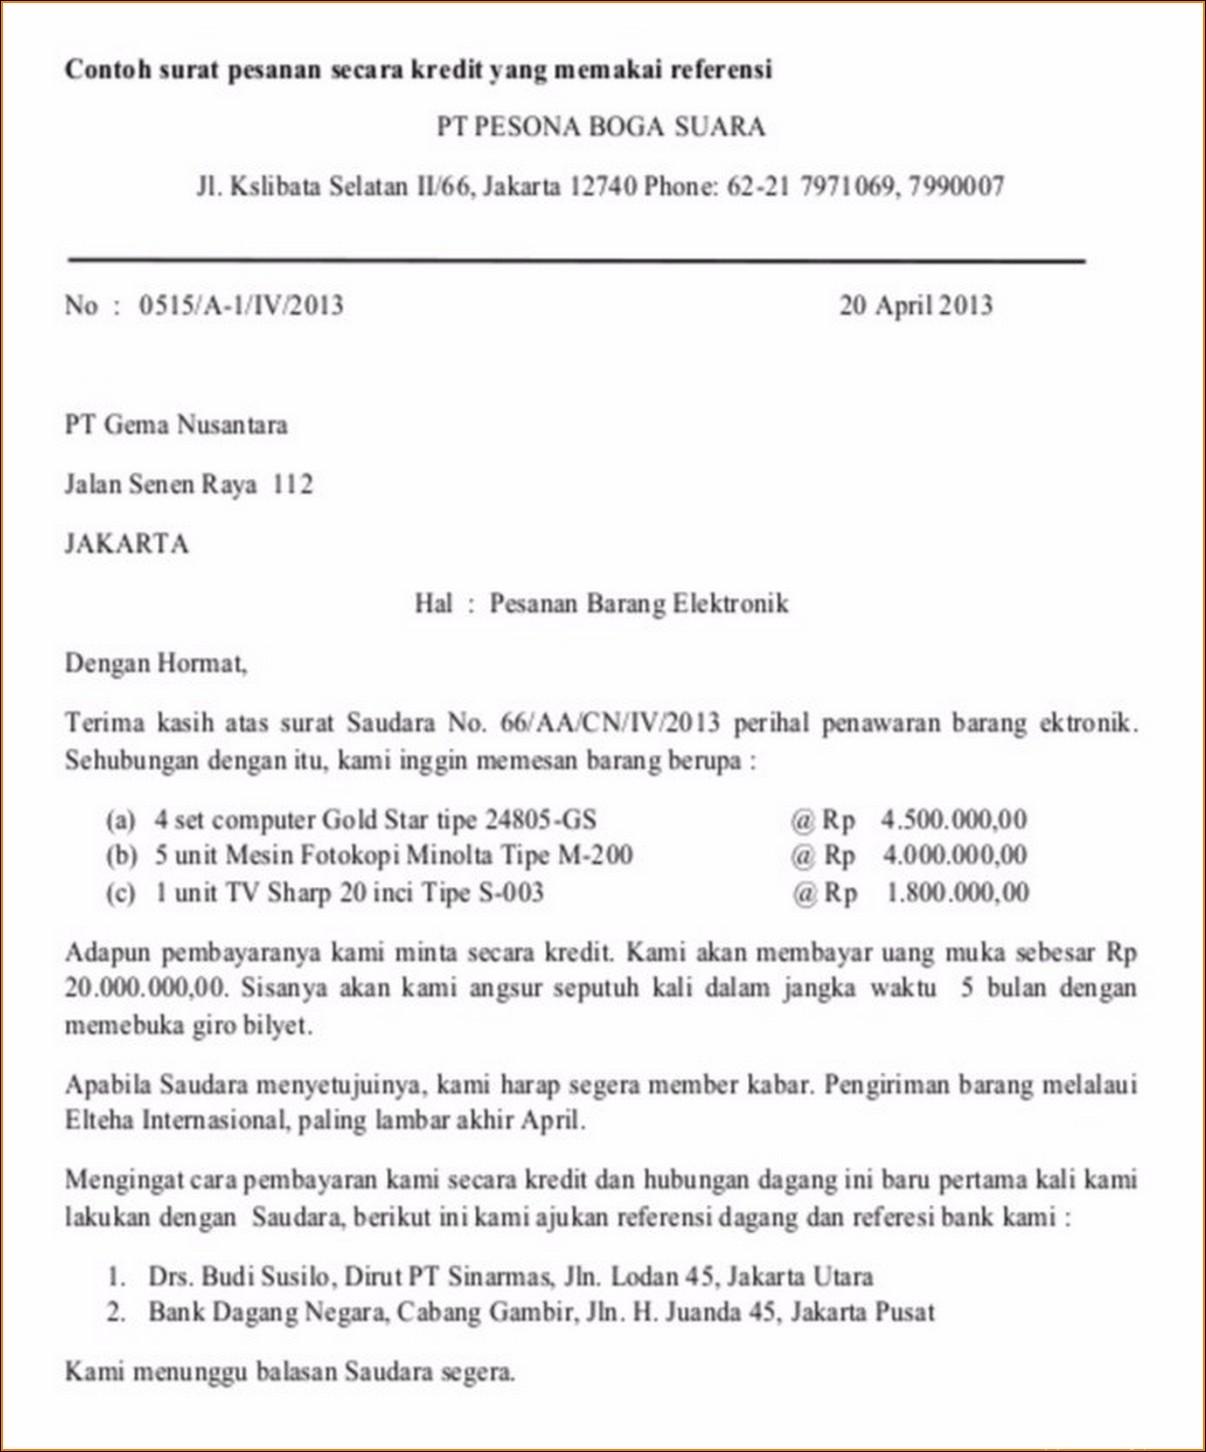 Contoh Surat Pesanan Barang